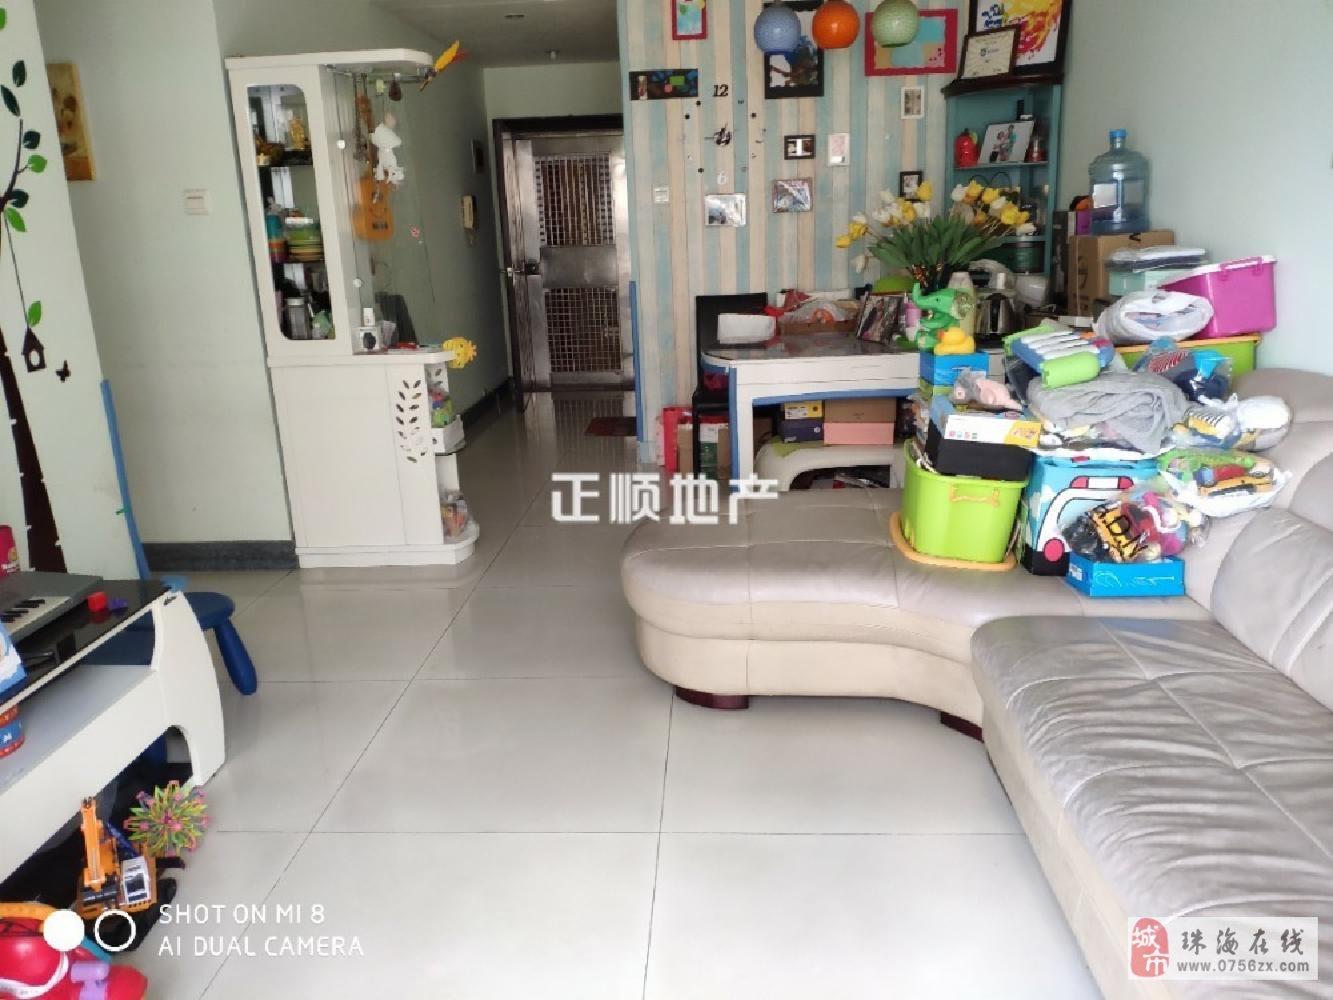 锦绣柠溪71平实用两房实用小区中间位置很安静